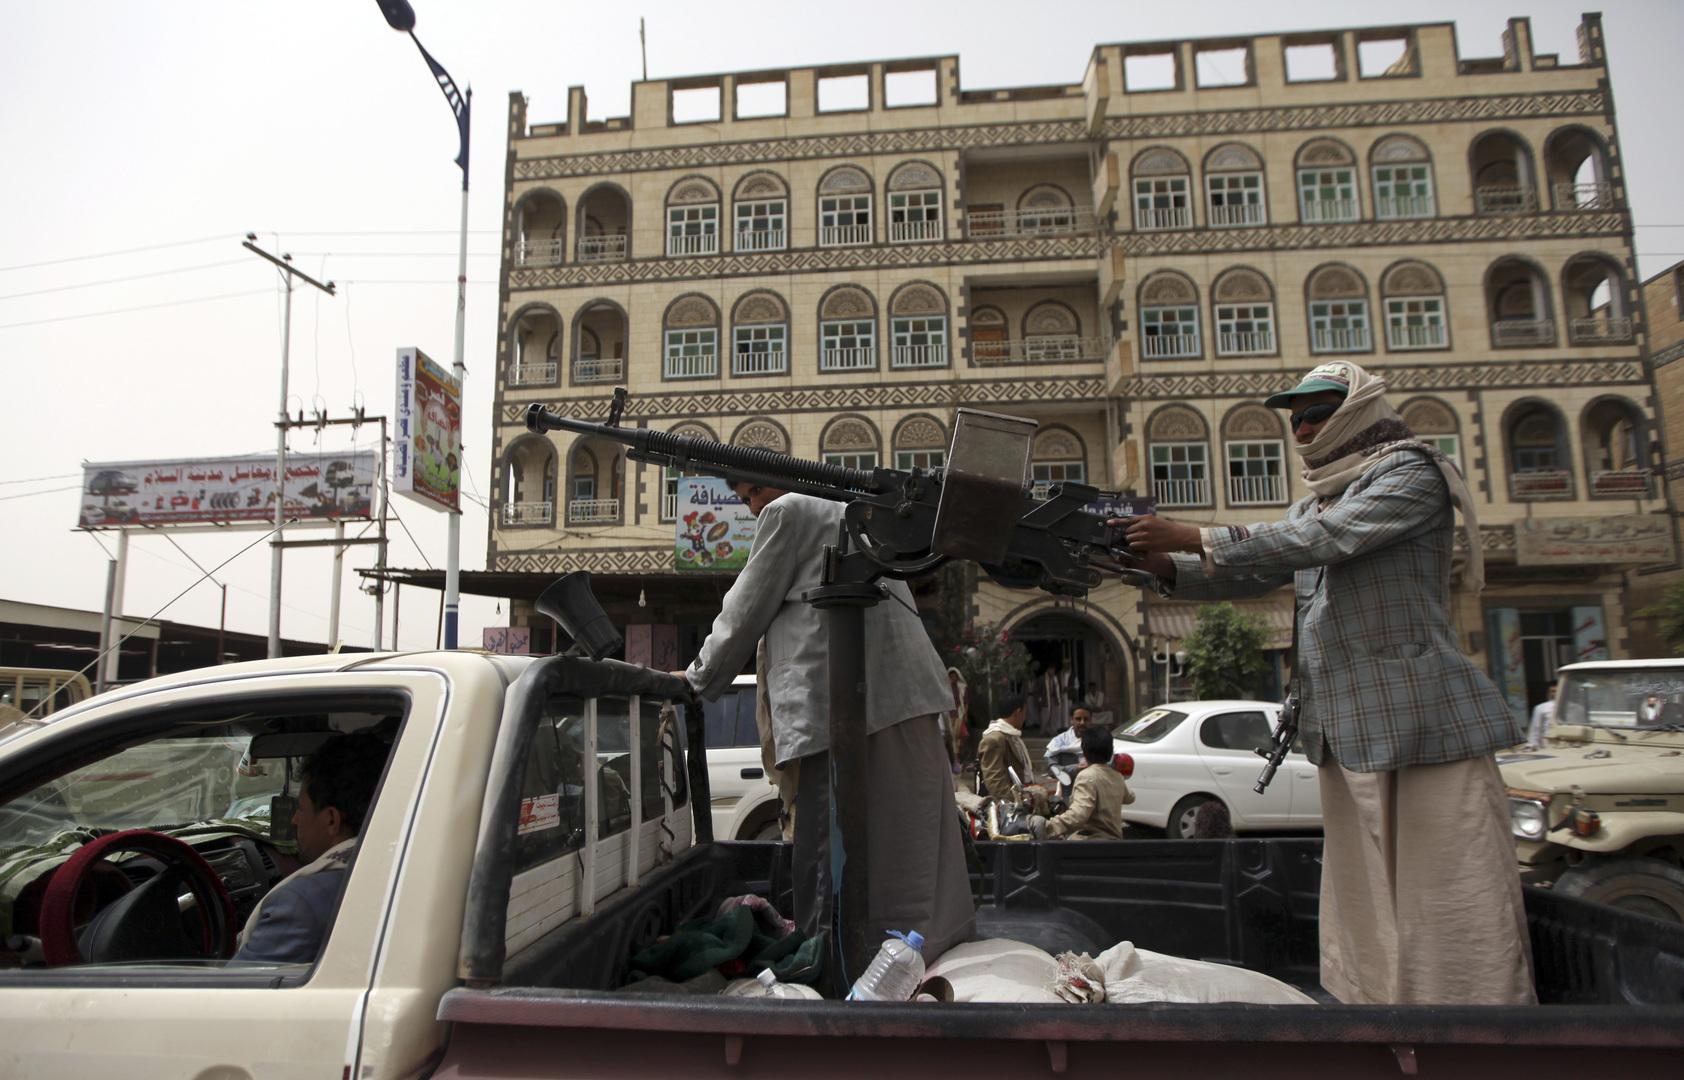 اليمن.. حركة أنصار الله تسيطر على معسكر ماس في محافظة مأرب